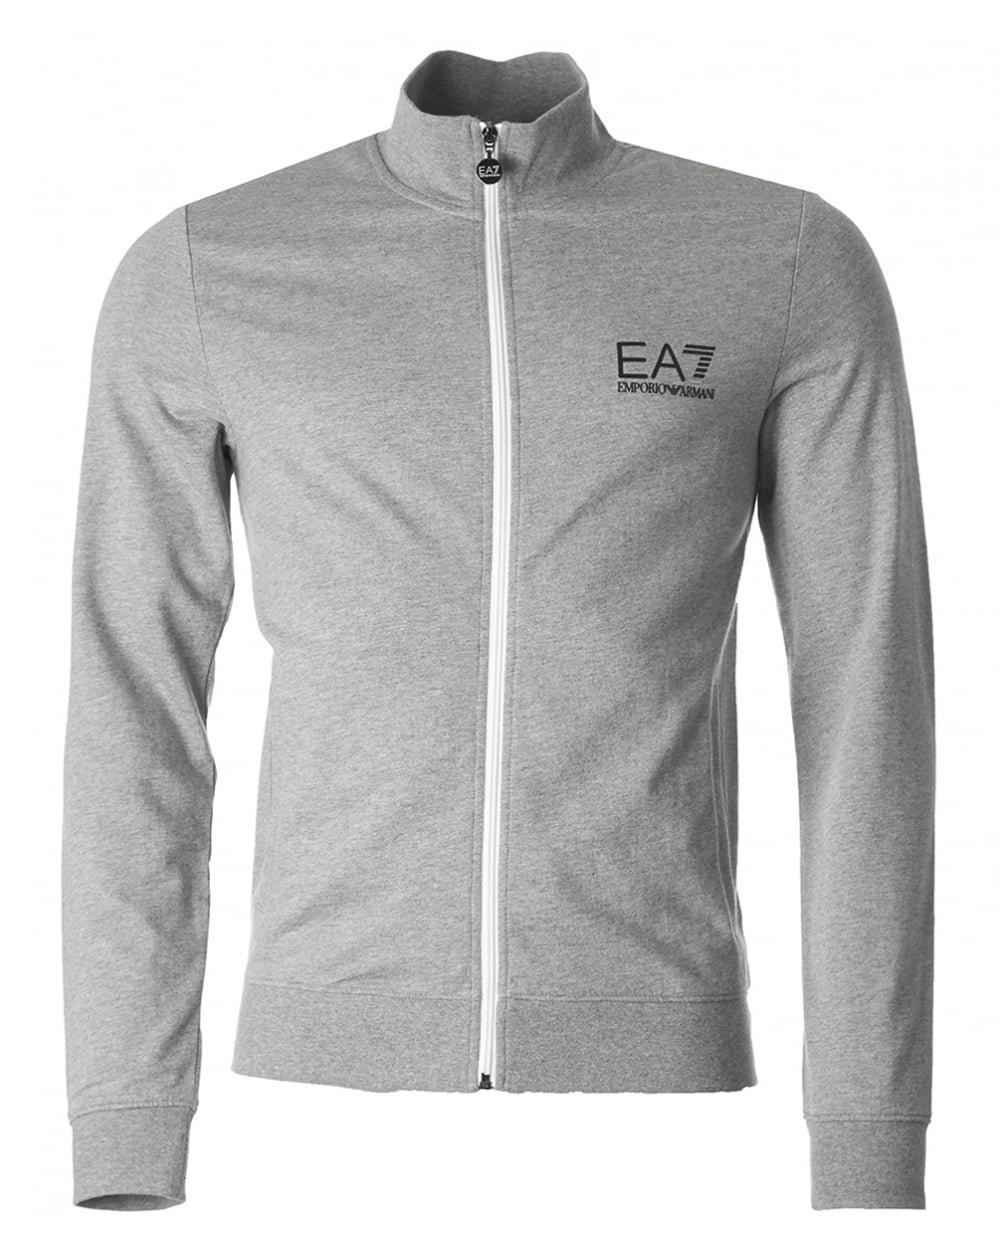 Traje de gimnasia para hombre, de algodón, EA7 Emporio ...